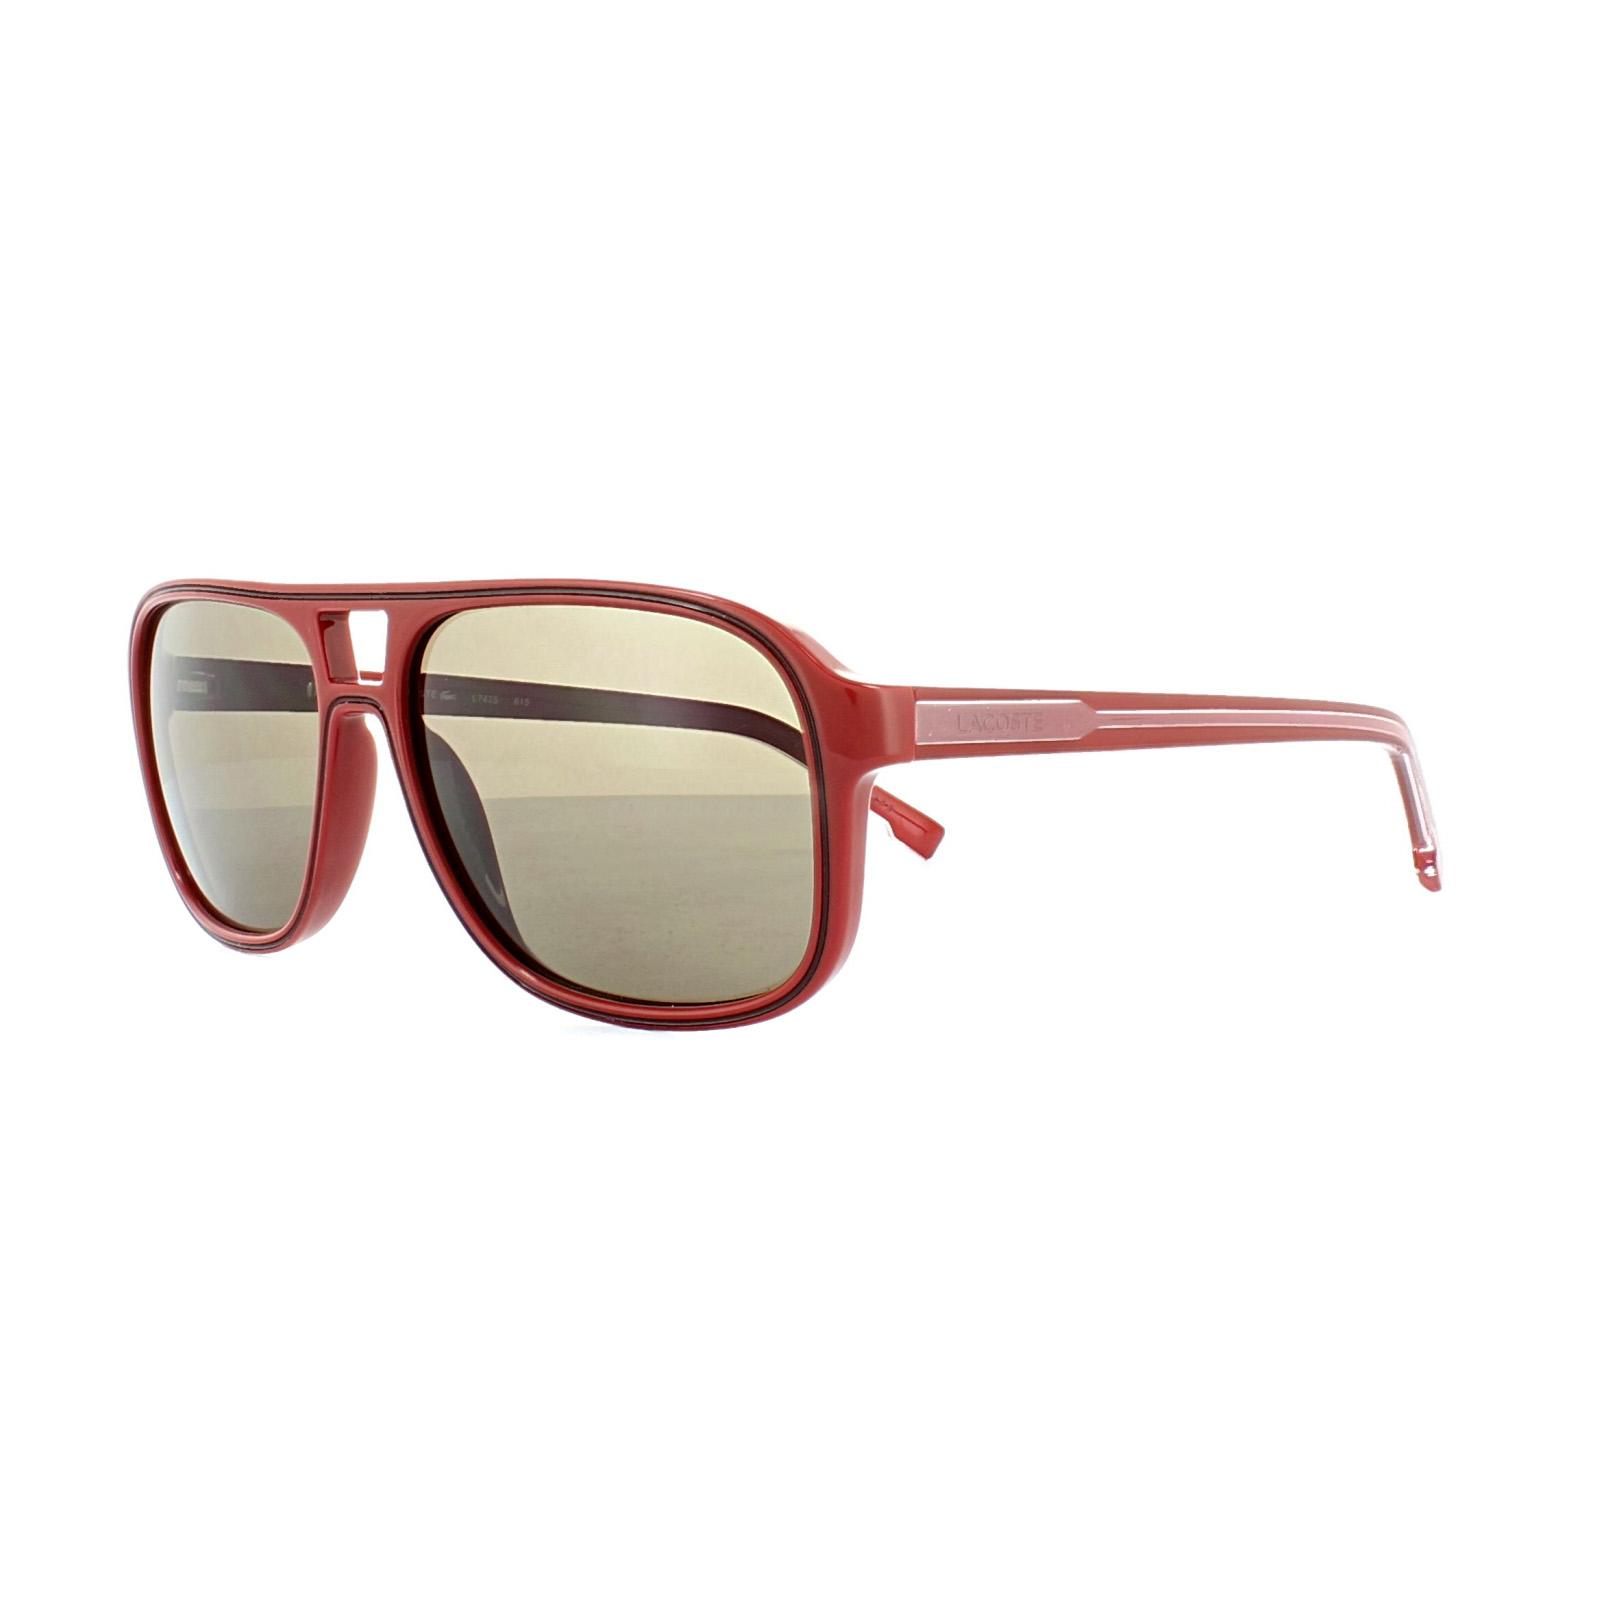 762ea21d45d5 Lacoste Sunglasses L742S 615 Red Red Men s Accessories